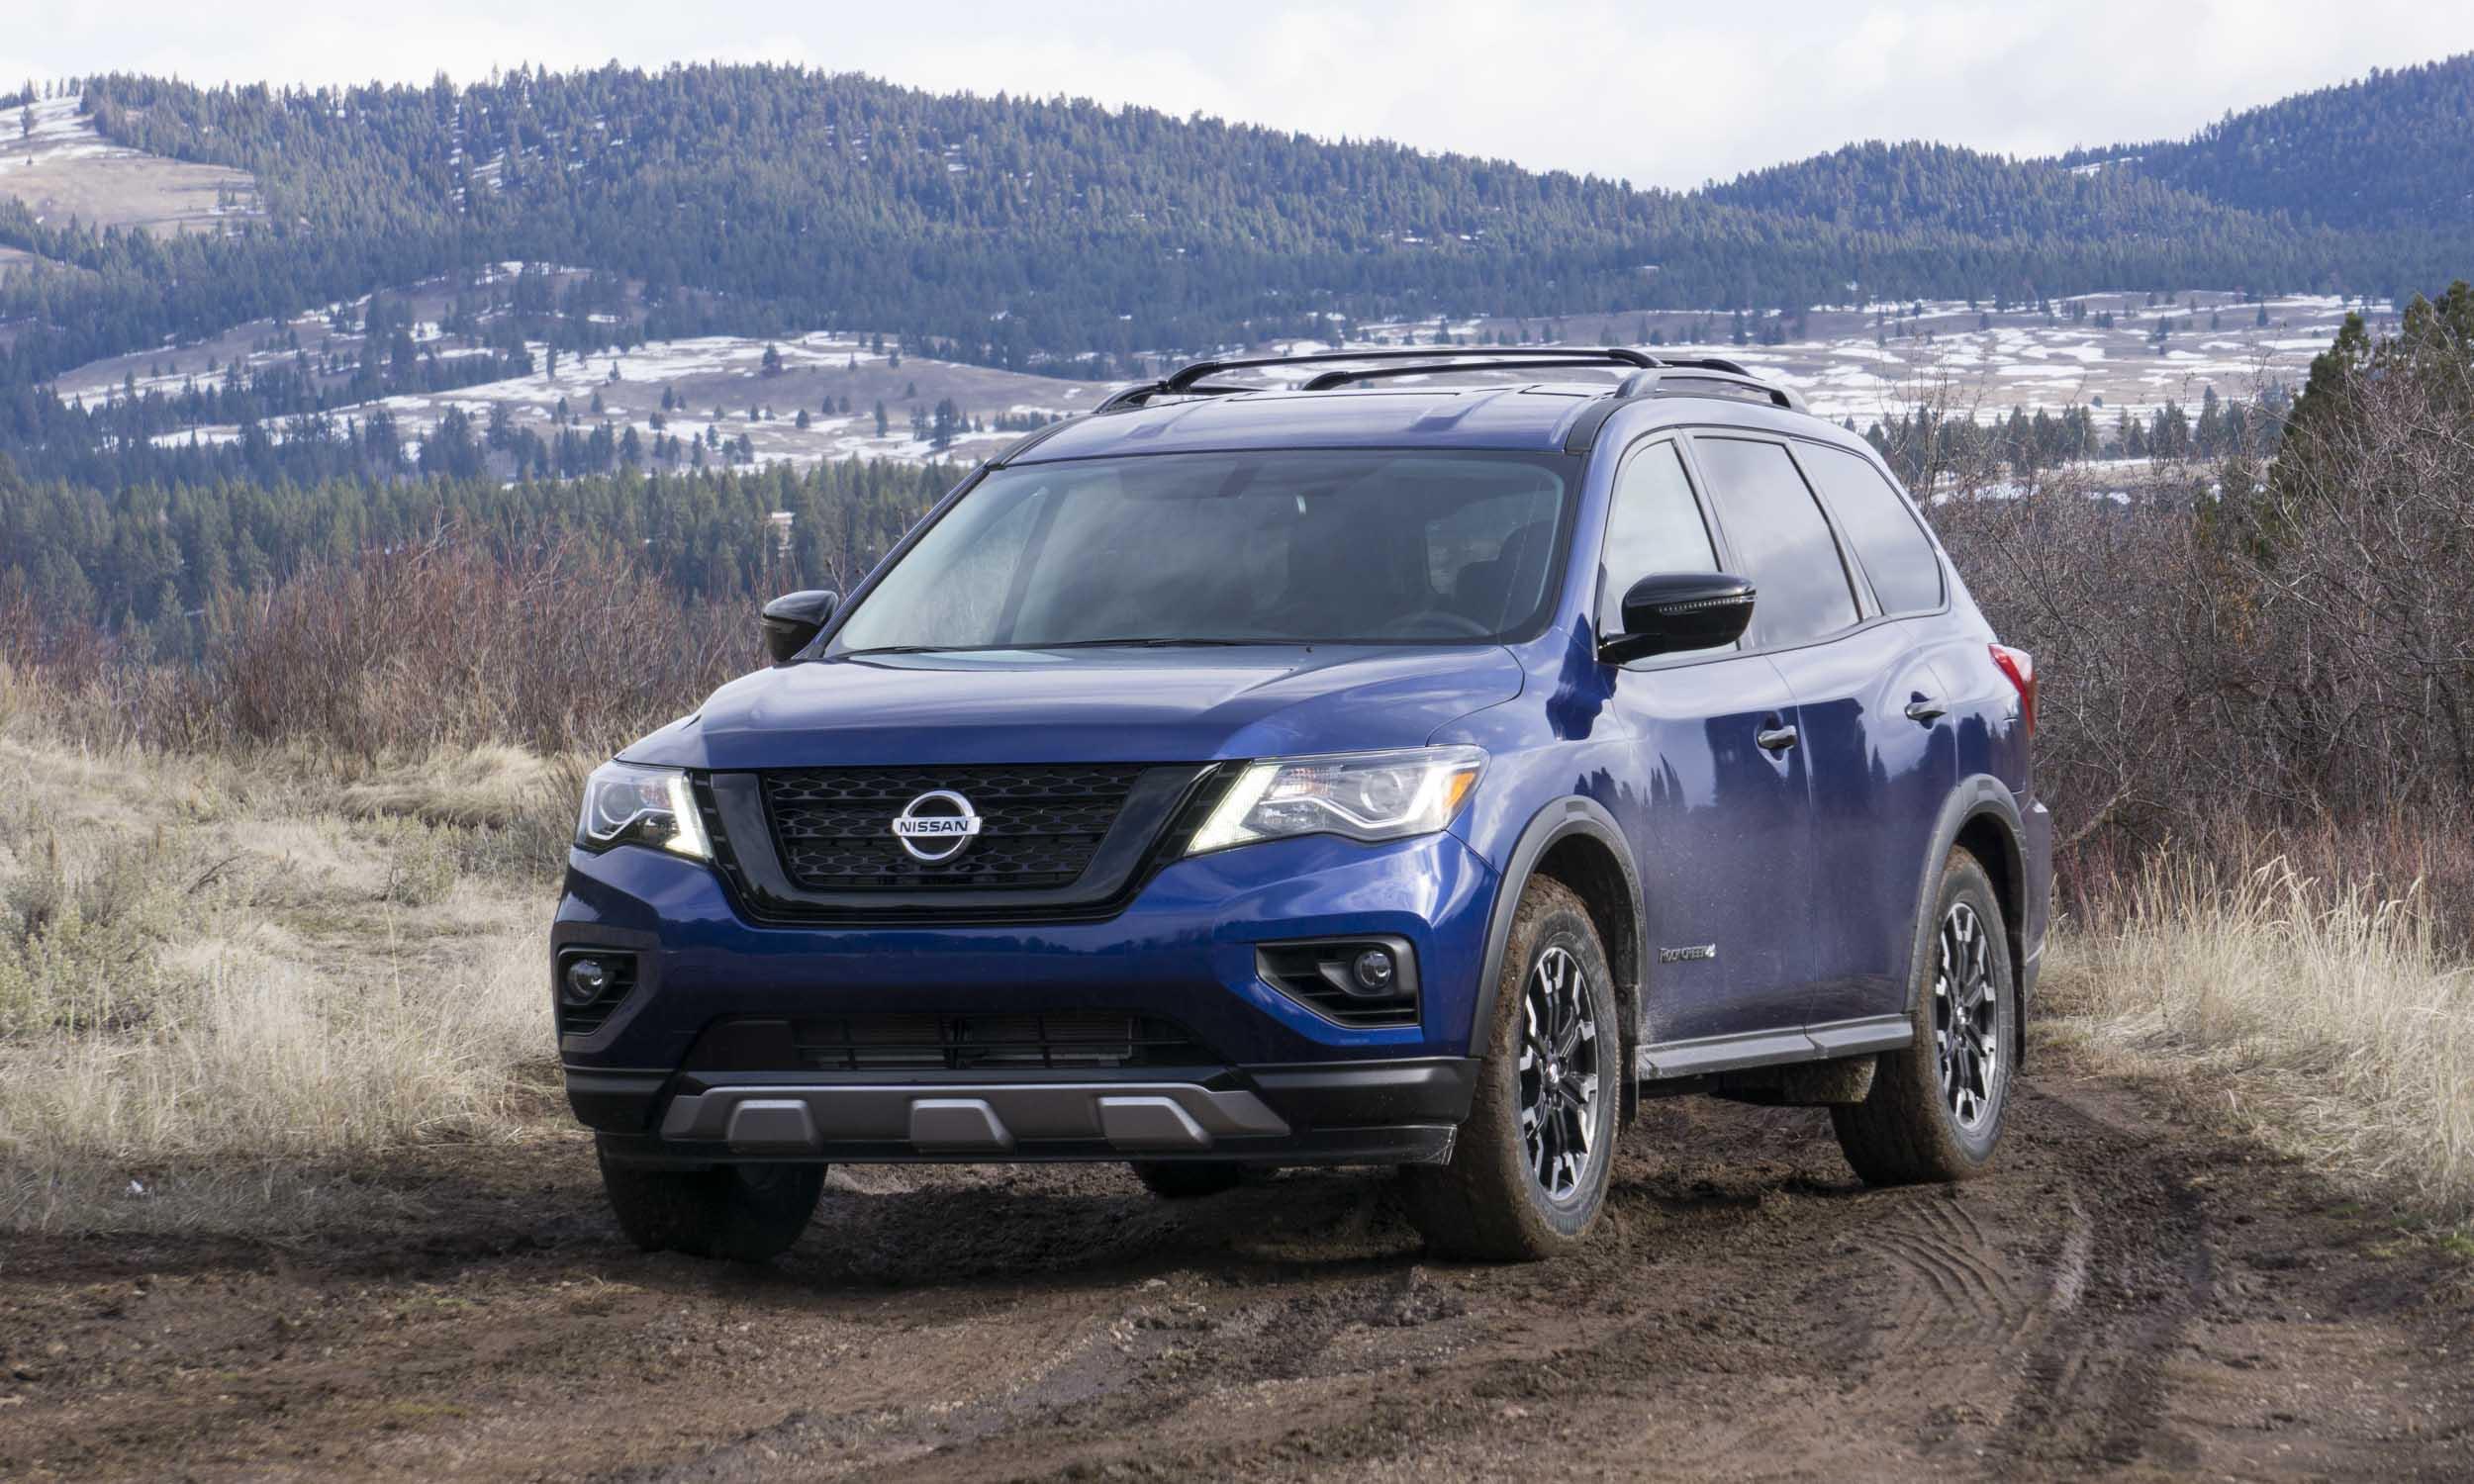 Nissan Pathfinder Rock Creek — Adventure in Montana ...